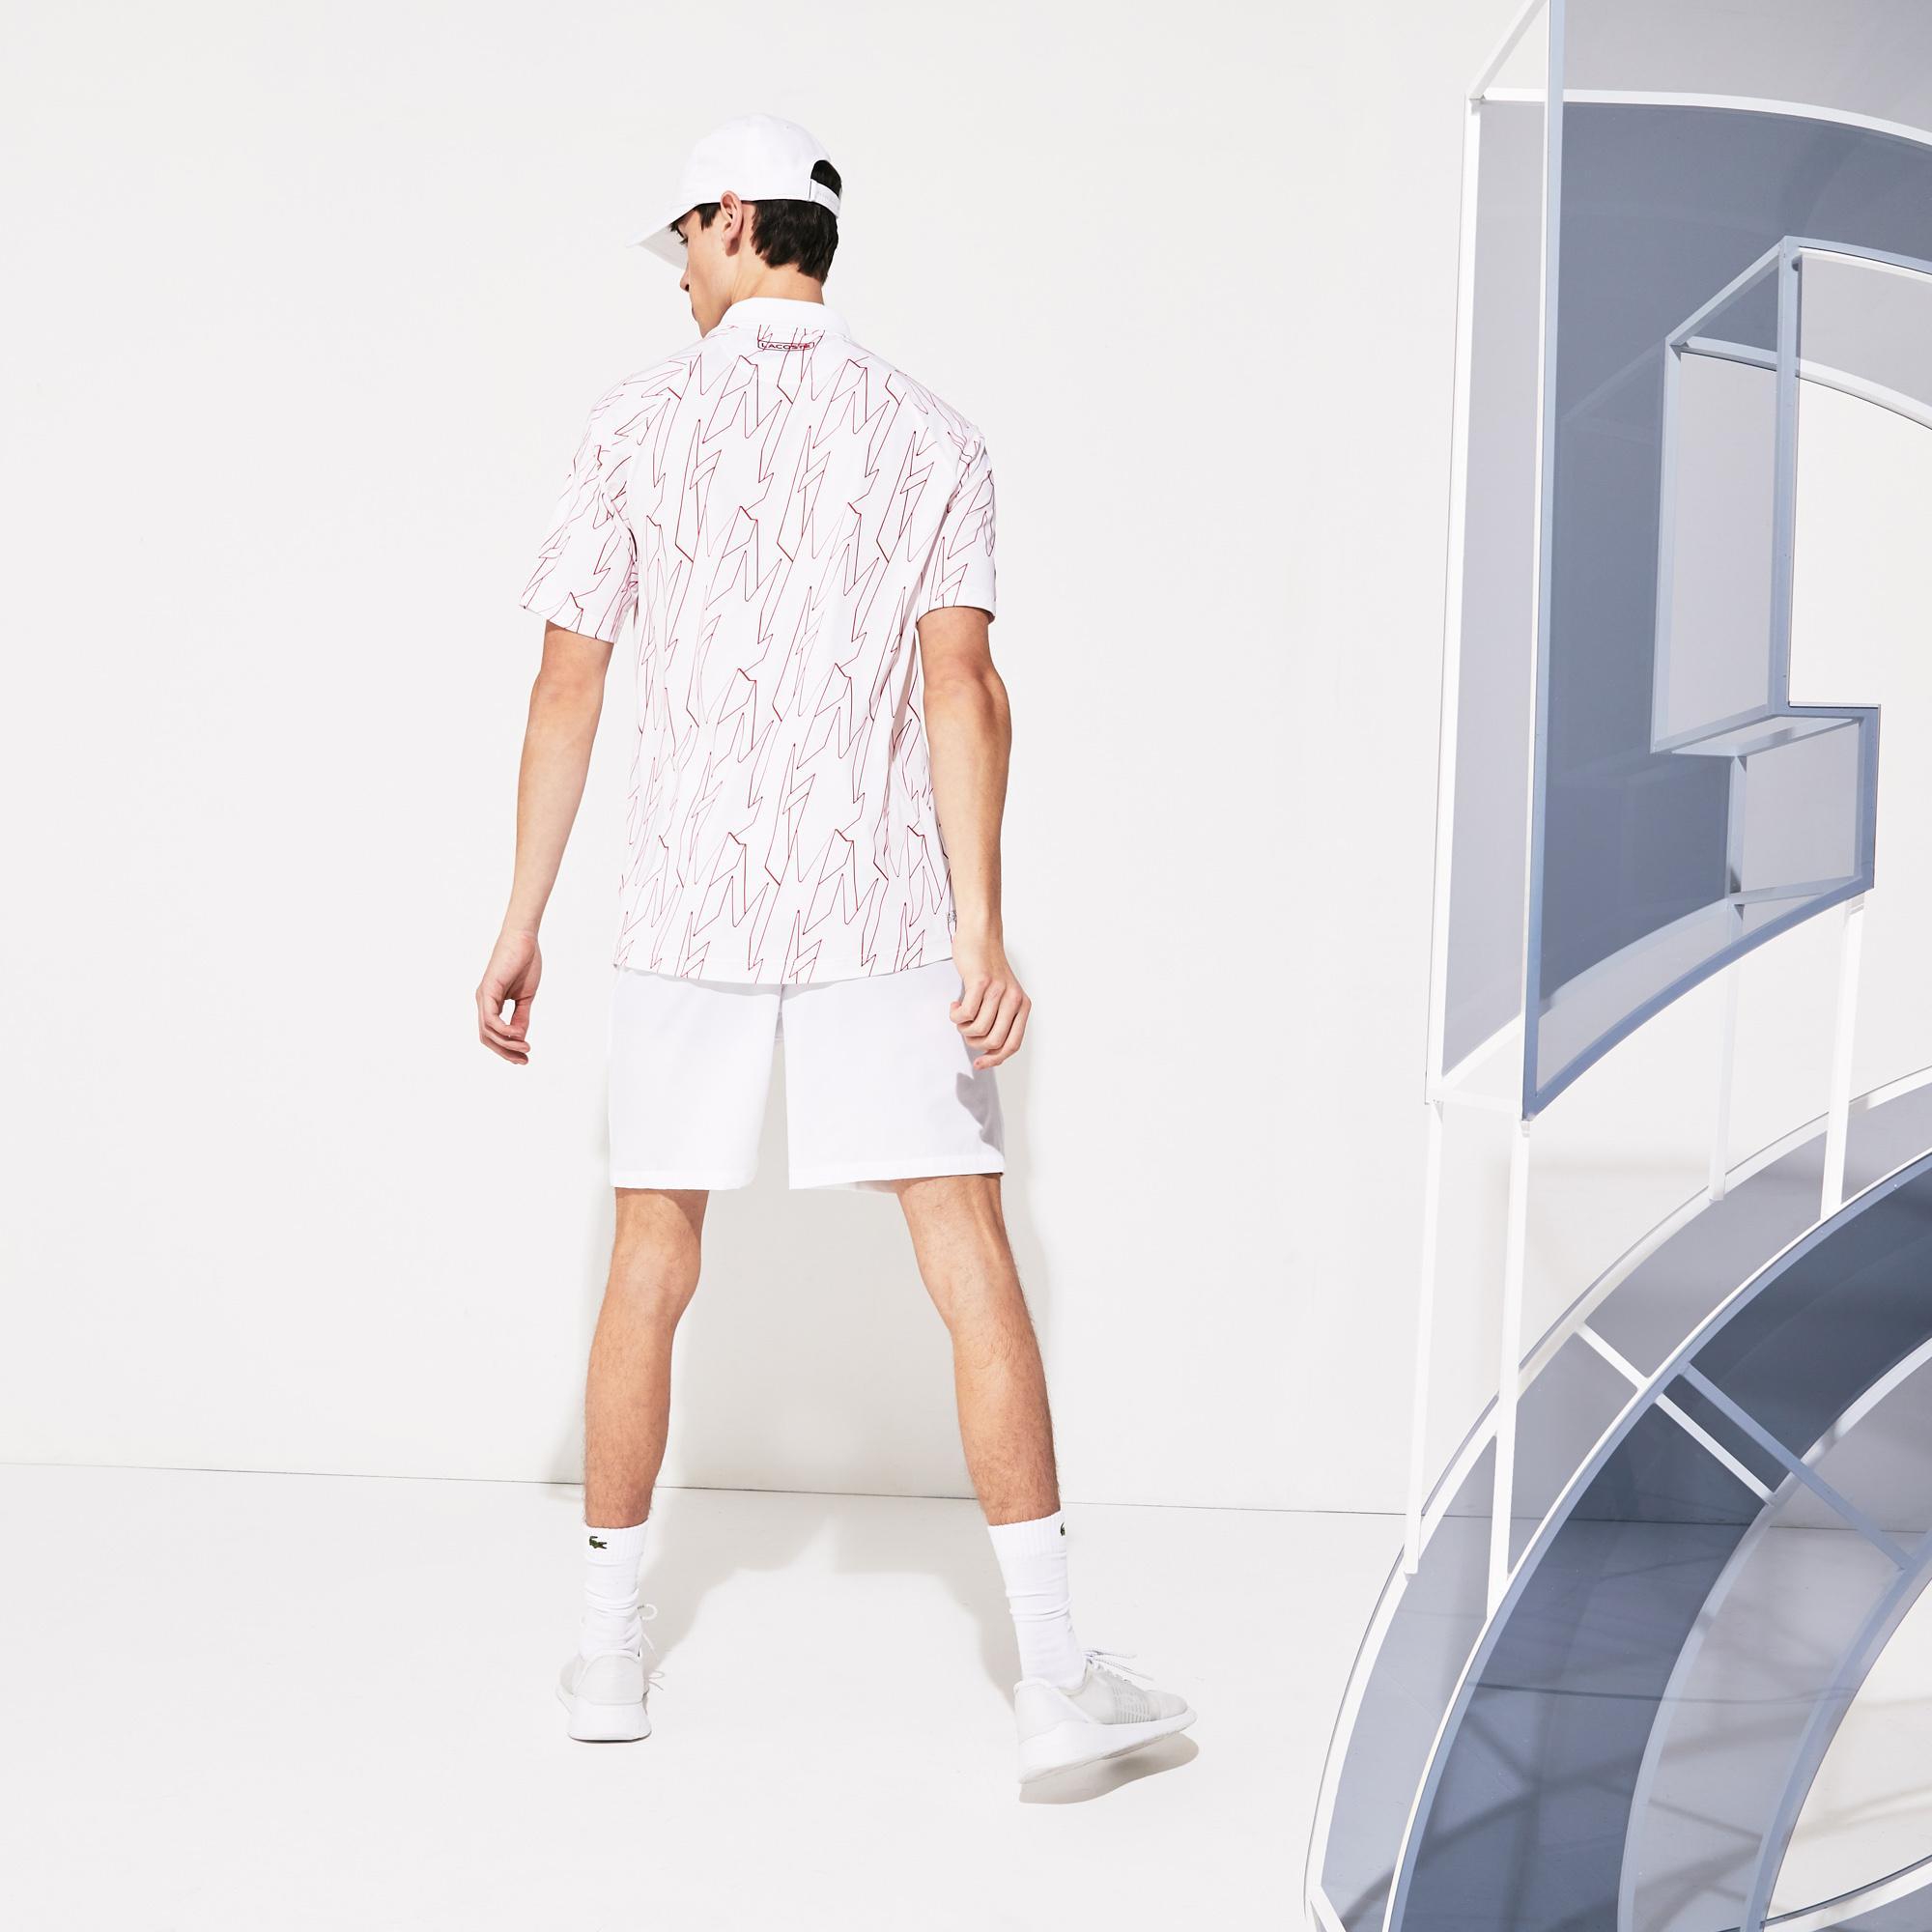 Lacoste Męskie Sportowe Szorty Z Elastycznego Oddychającego Materiału X Novak Djokovic